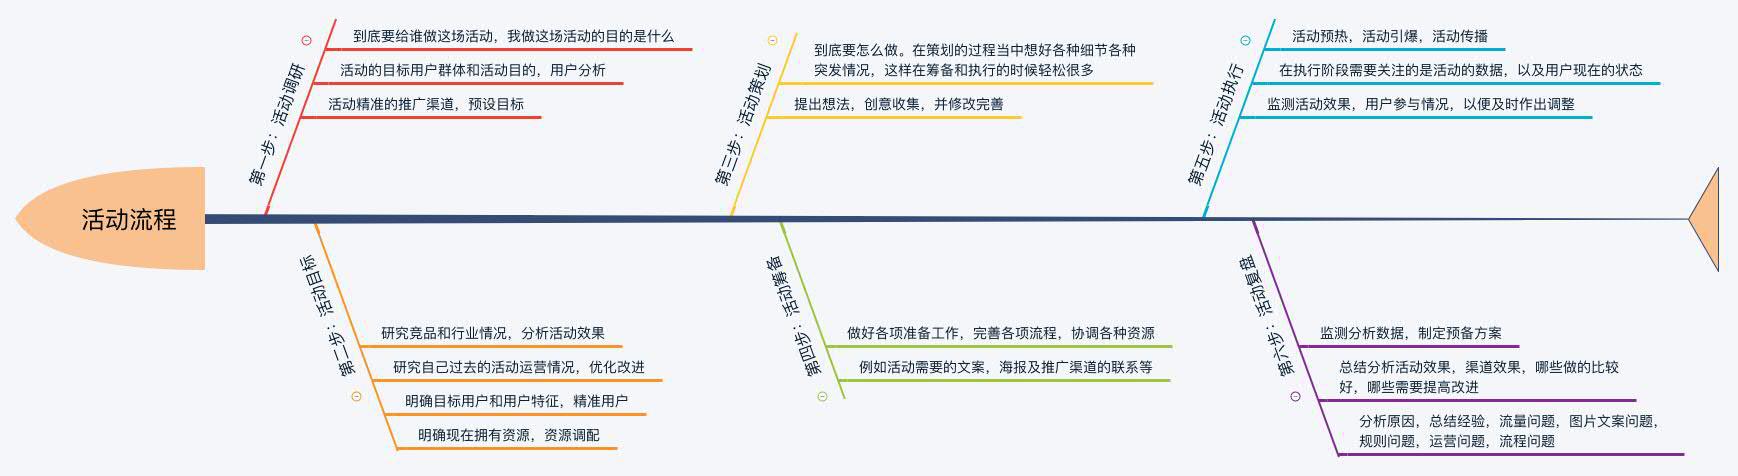 鸟哥笔记,活动运营,王晓灿,活动,活动案例,总结